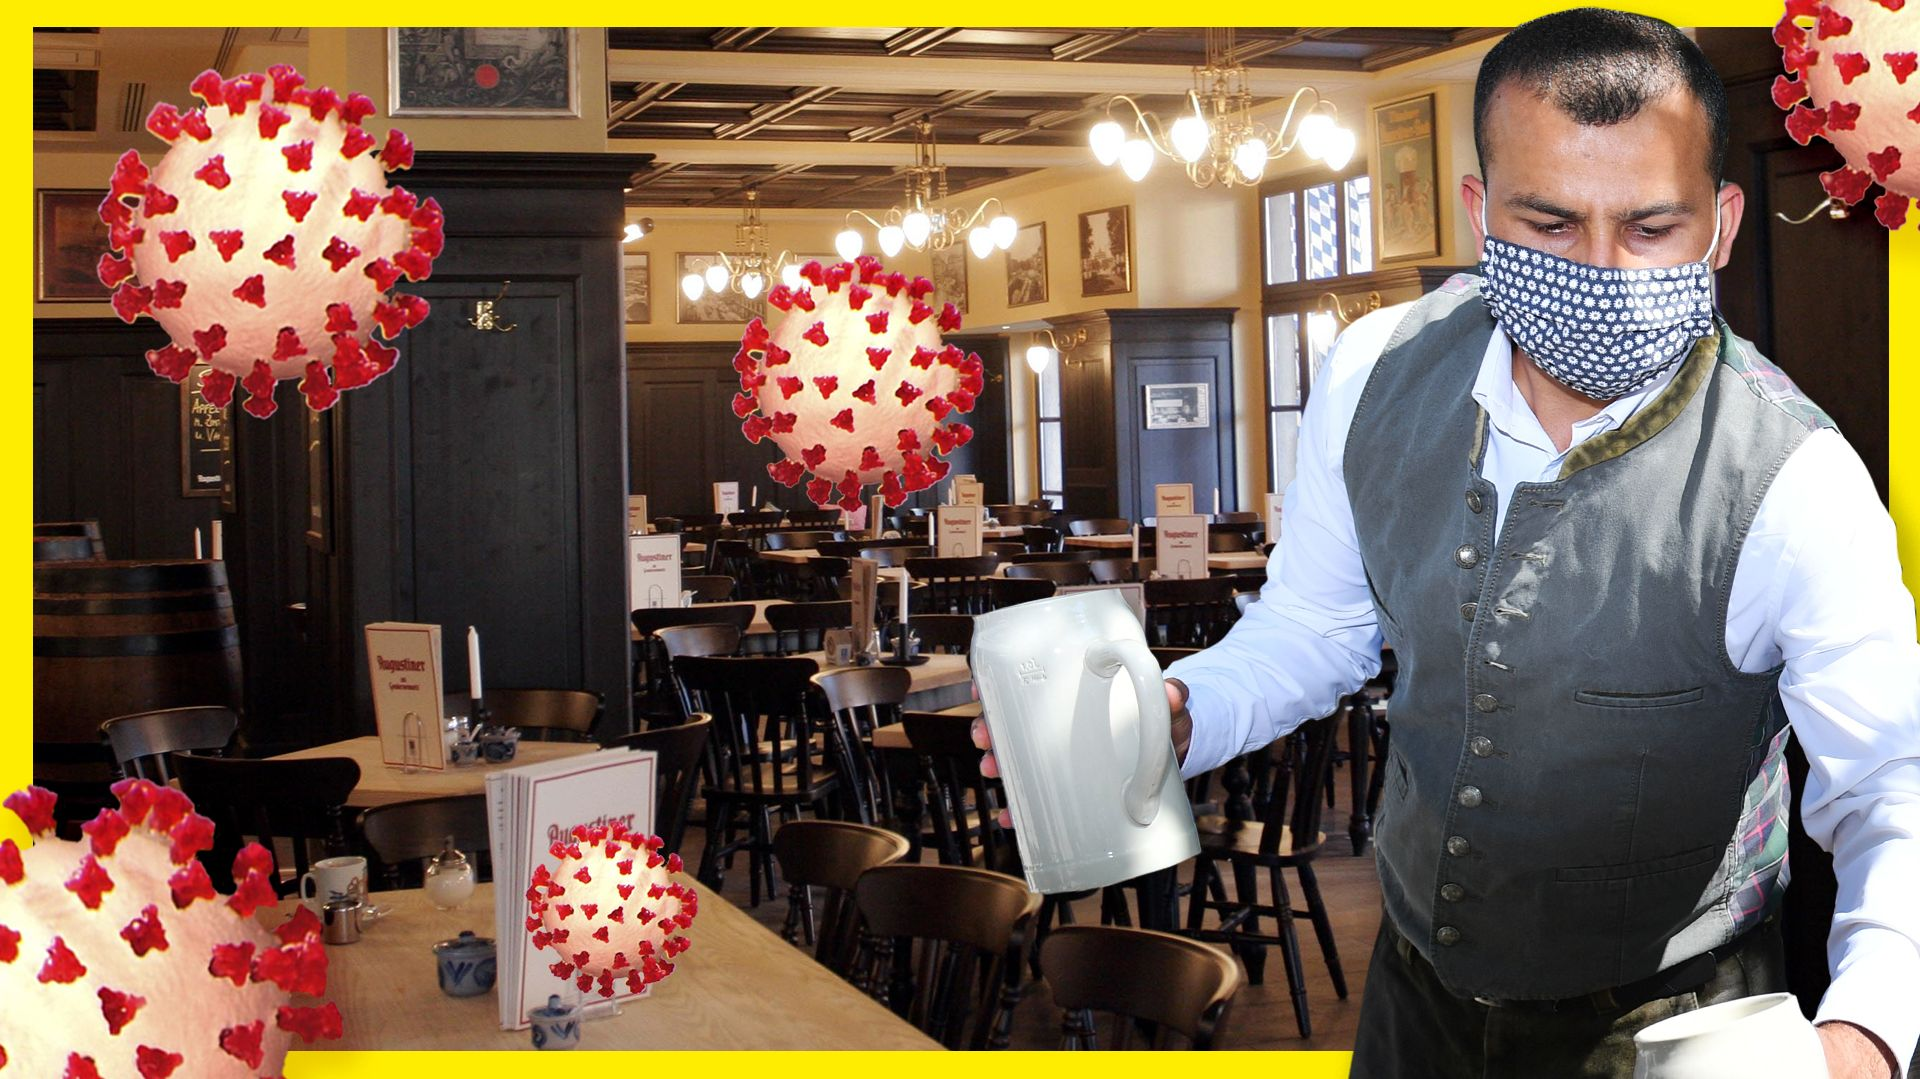 Ein Kellner mit Mund-Nasen-Schutz serviert zwei Maß Bier. Im Hintergrund ist der Innenraum eines Wirtshauses zu sehen. Dazu: grafische Darstellungen von Coronaviren.